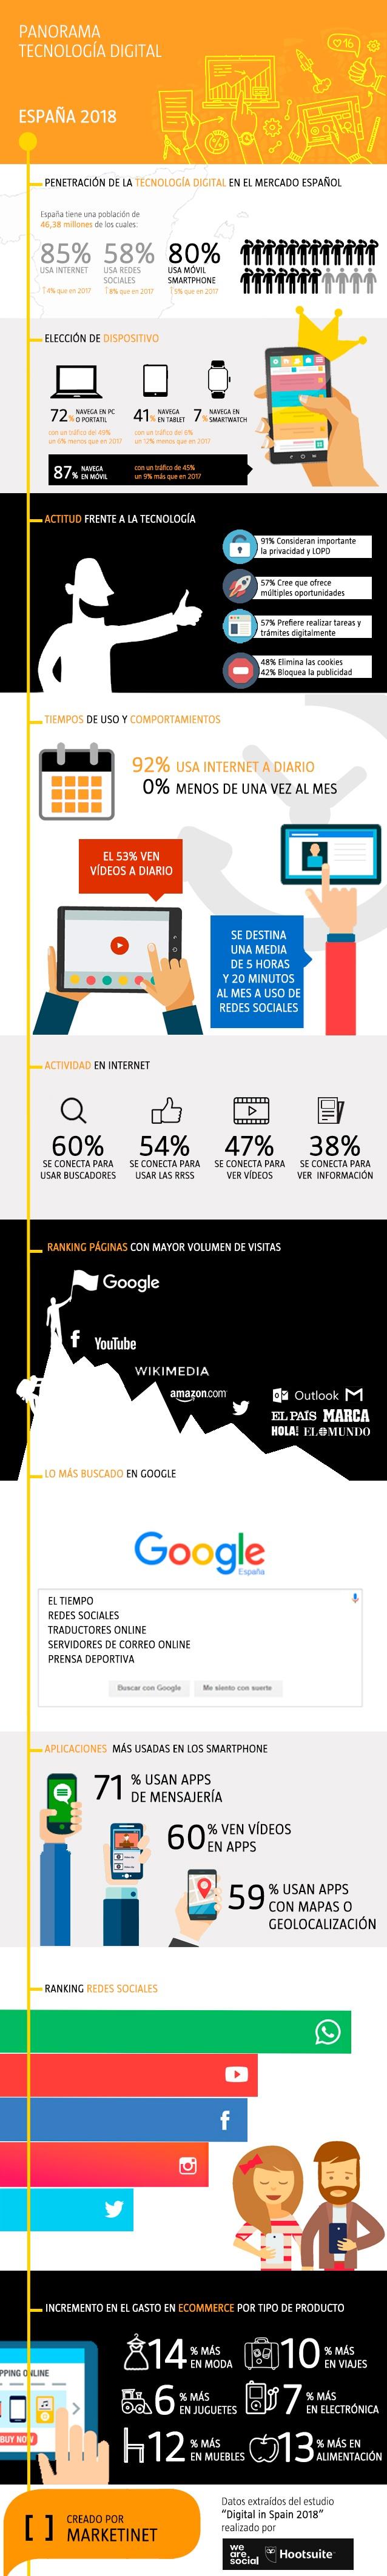 Panorama de la tecnología digital en España